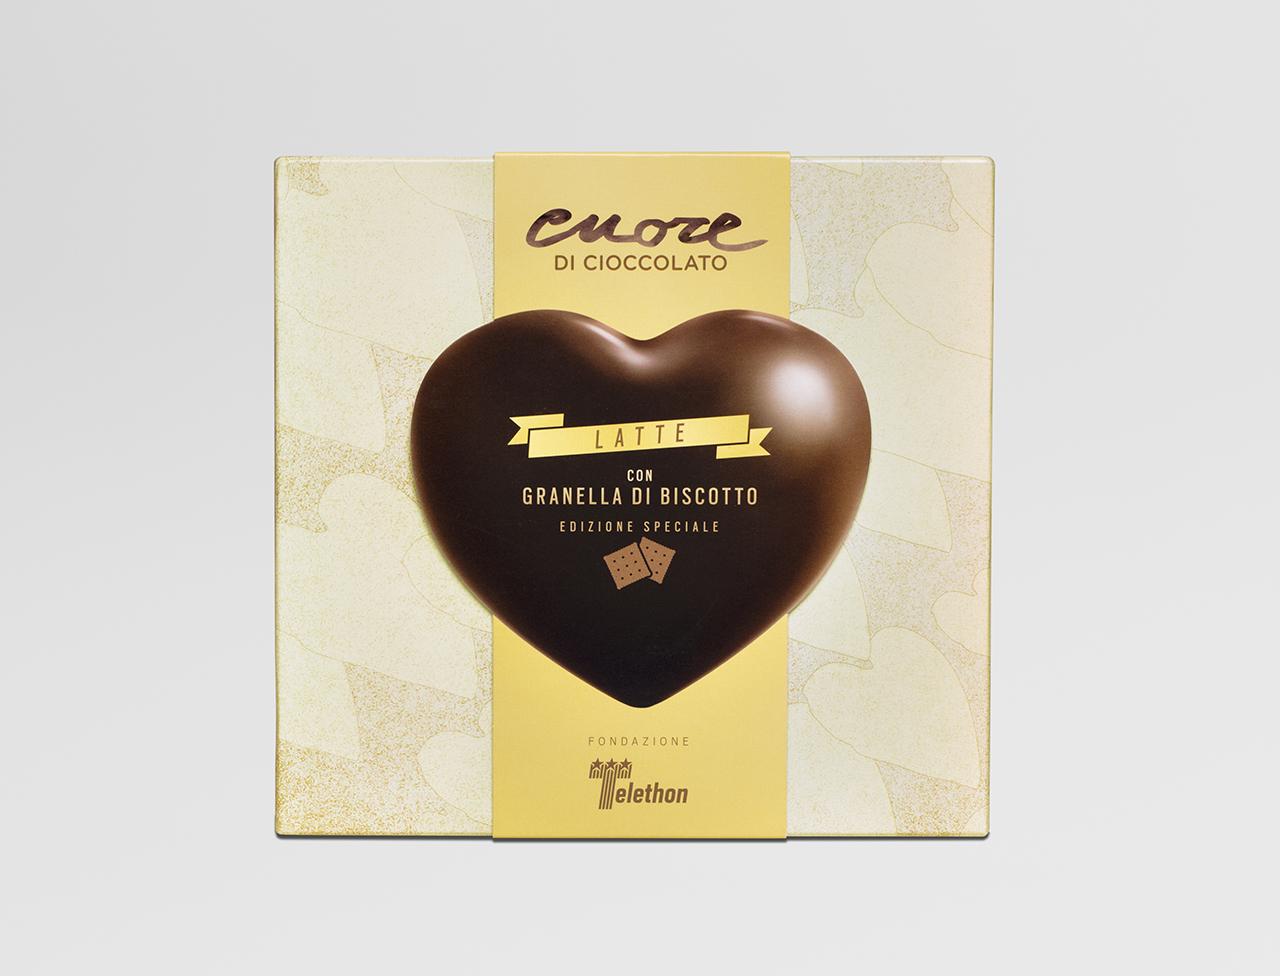 Cuore di cioccolato al latte con granella di biscotto